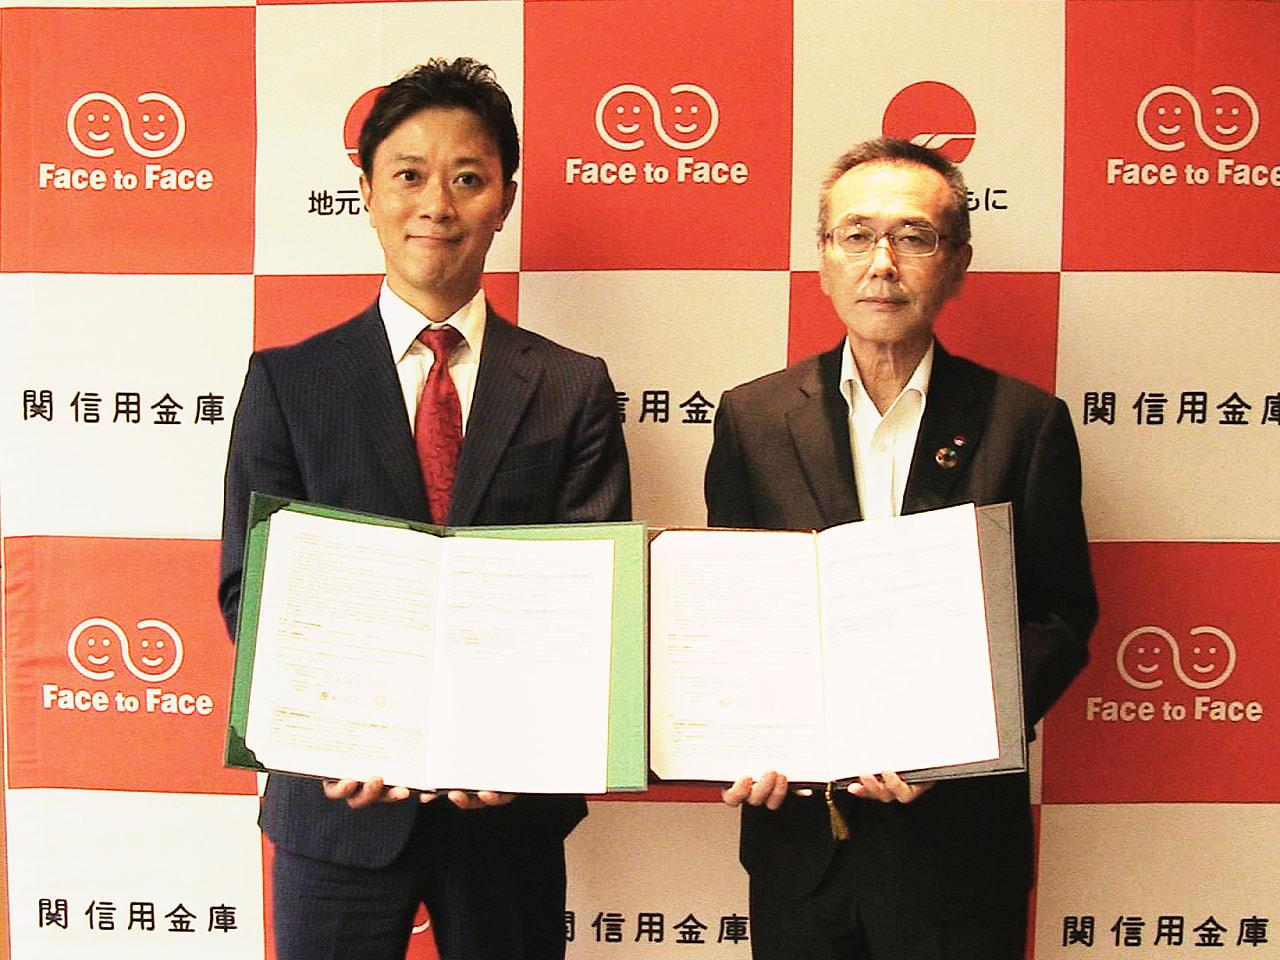 関信用金庫は取引先中小企業の人材不足解消につなげようと、東京の副業マッチングの会...